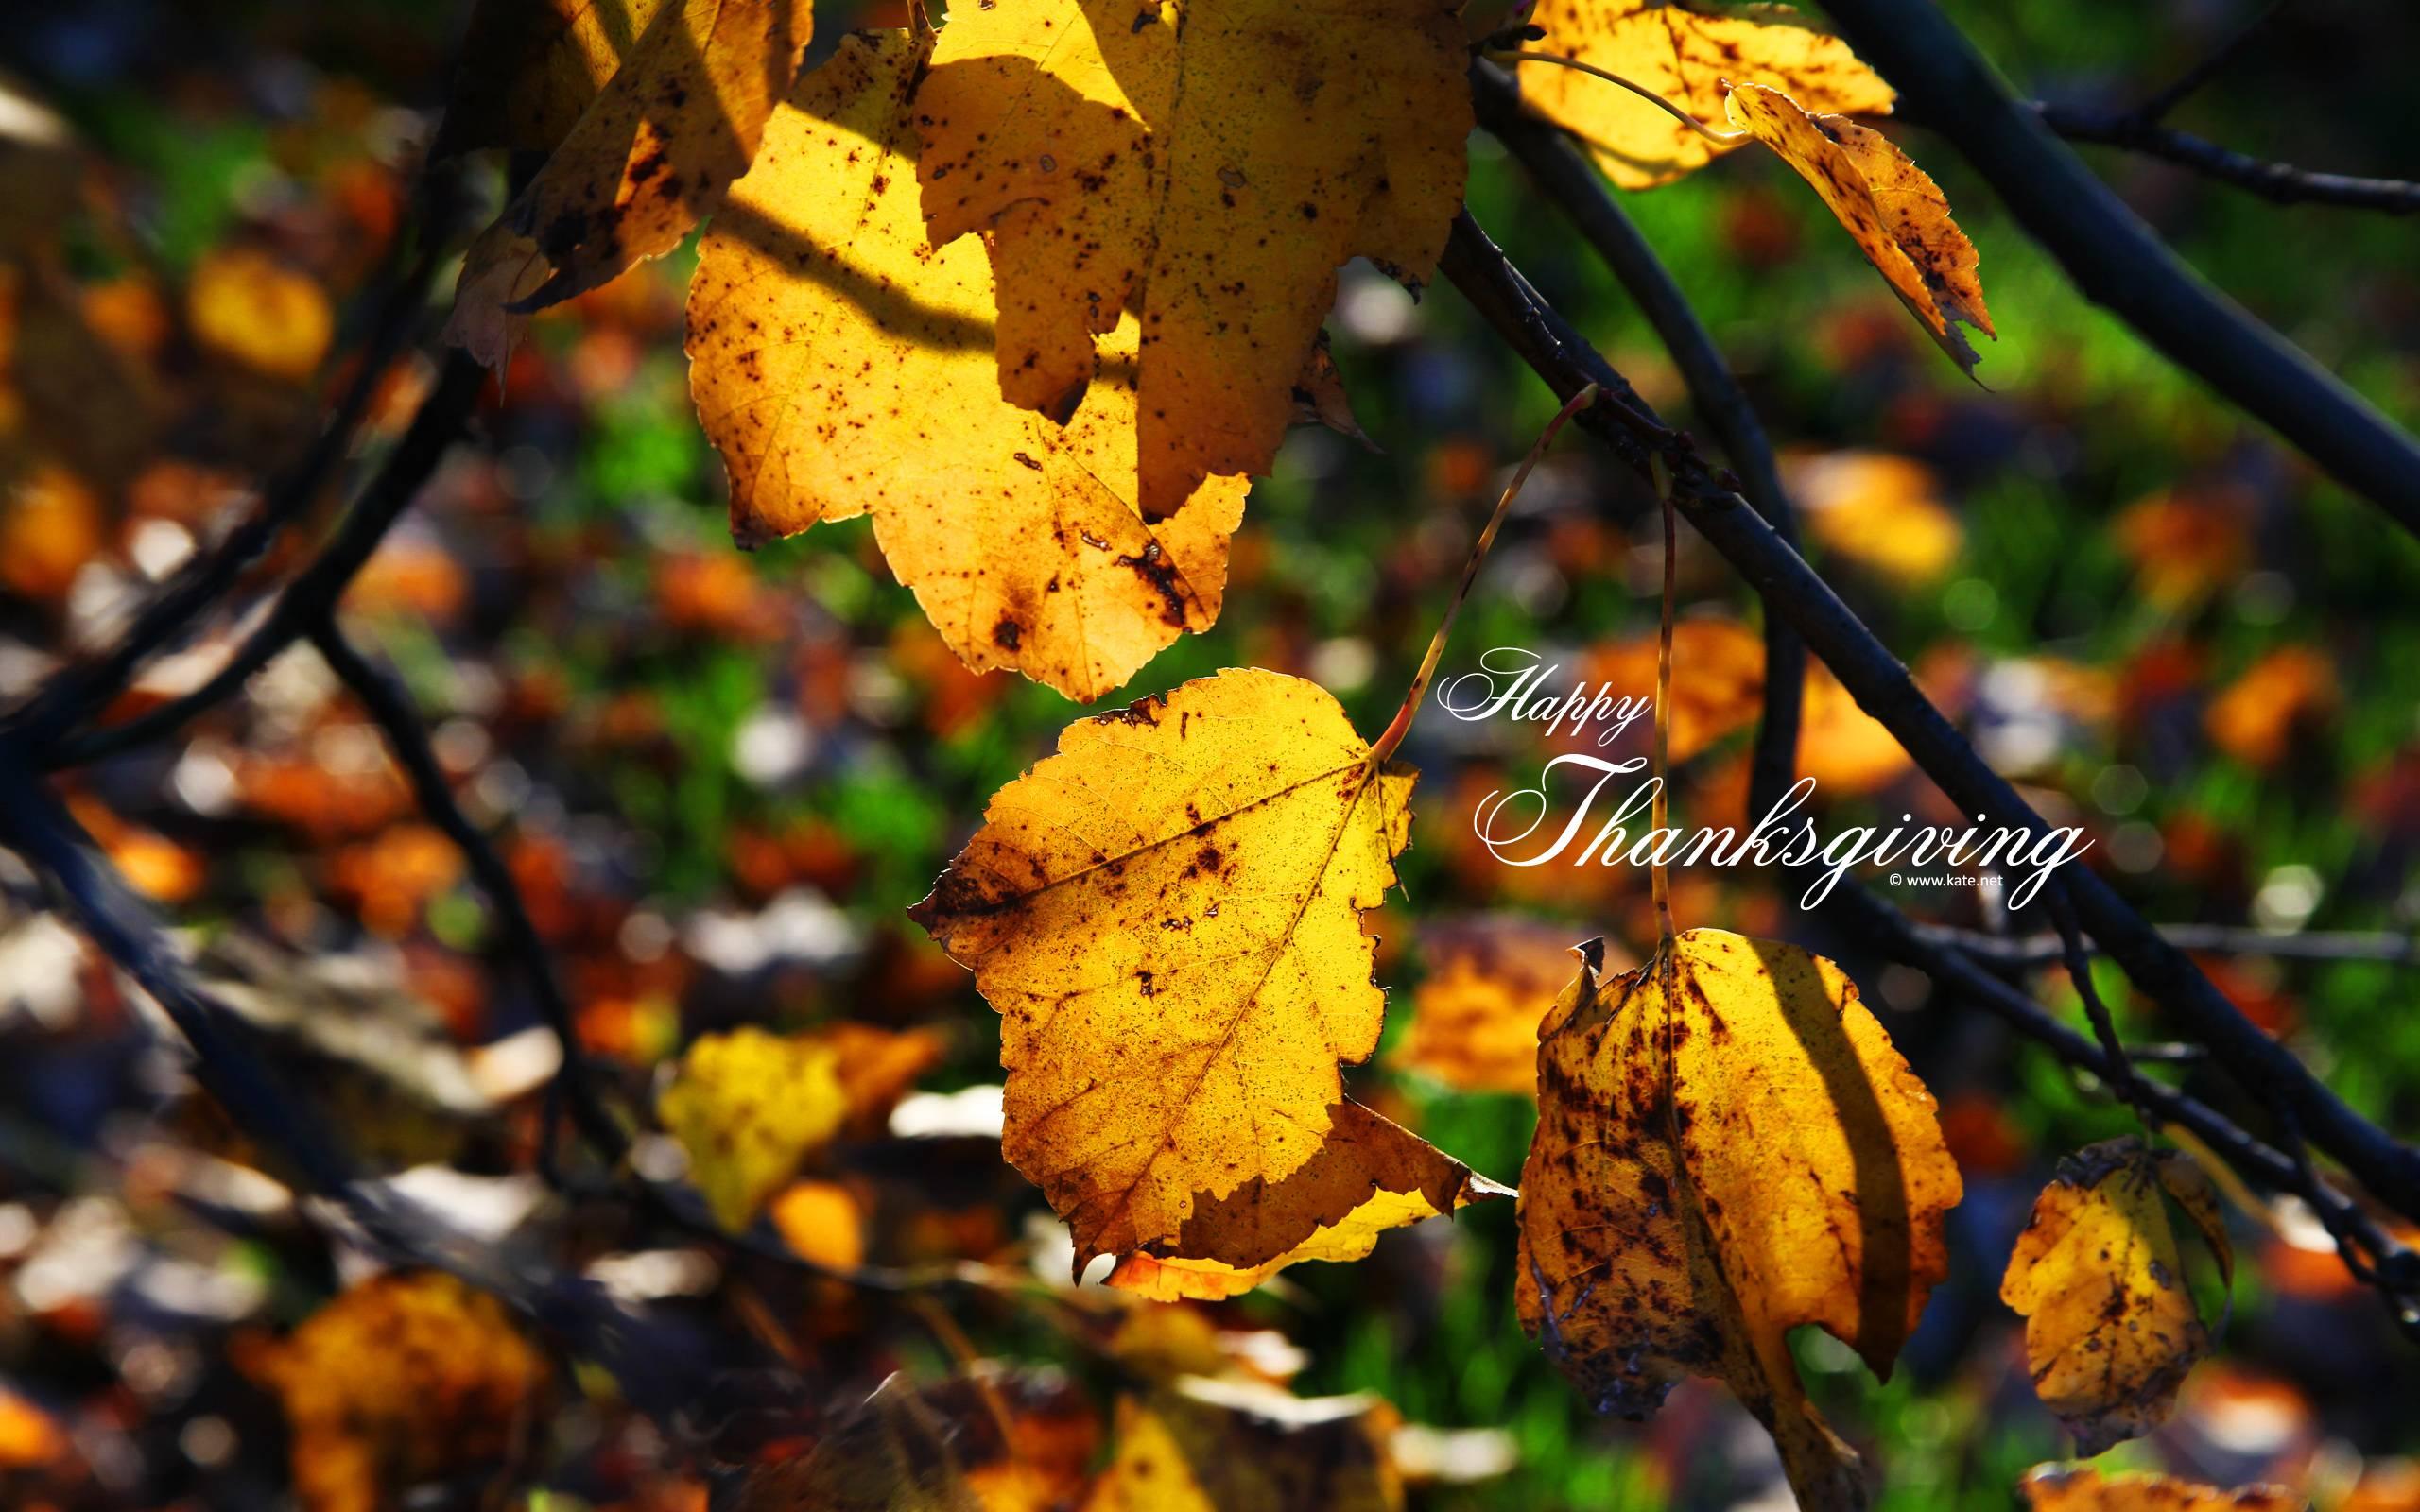 thanksgiving hd wallpaper widescreen 1920x1080 - photo #18